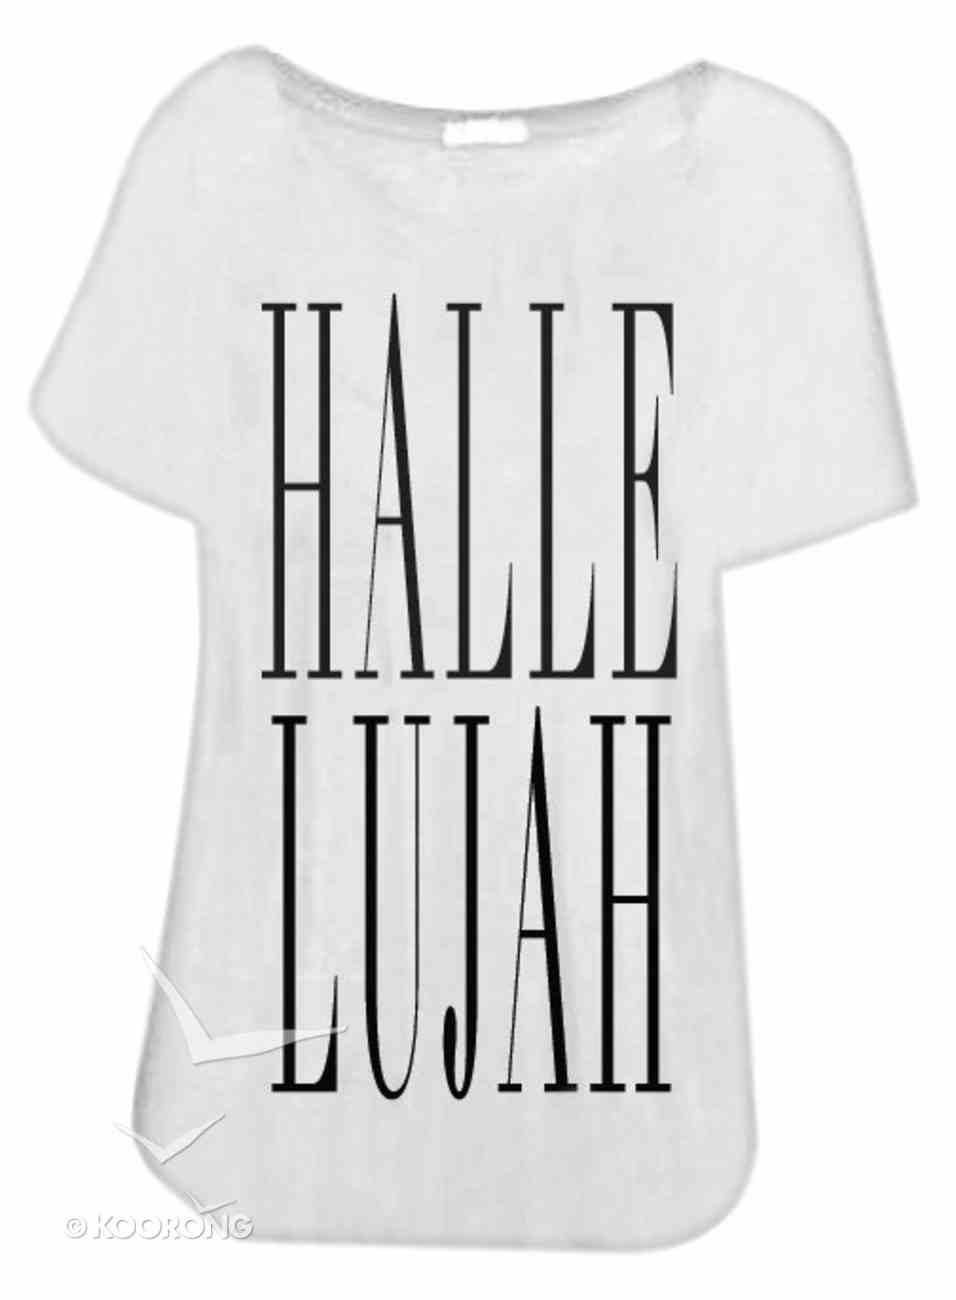 T-Shirt: Hallelujah Small White/Black Writing Soft Goods